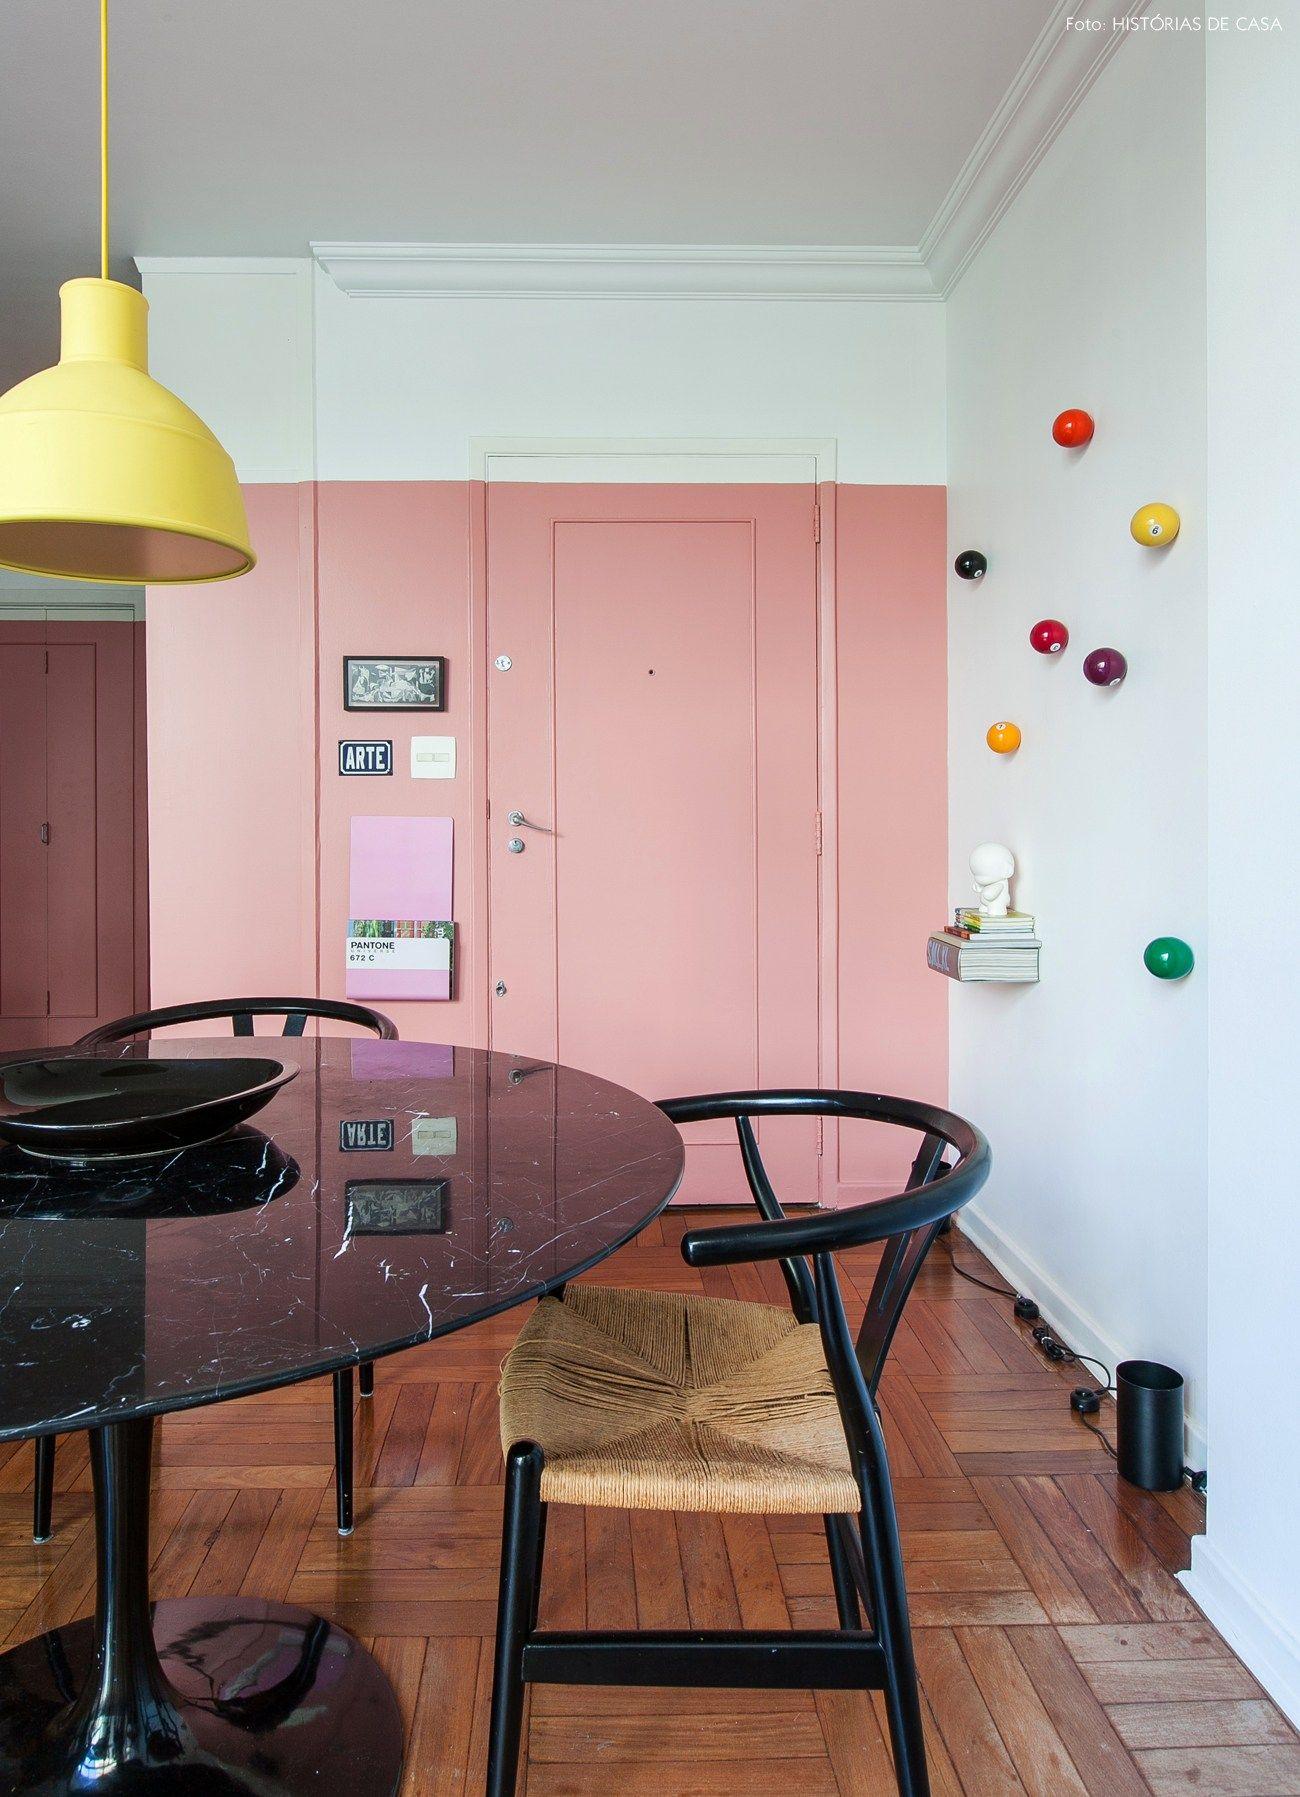 O poder das cores na decoração | Decoration